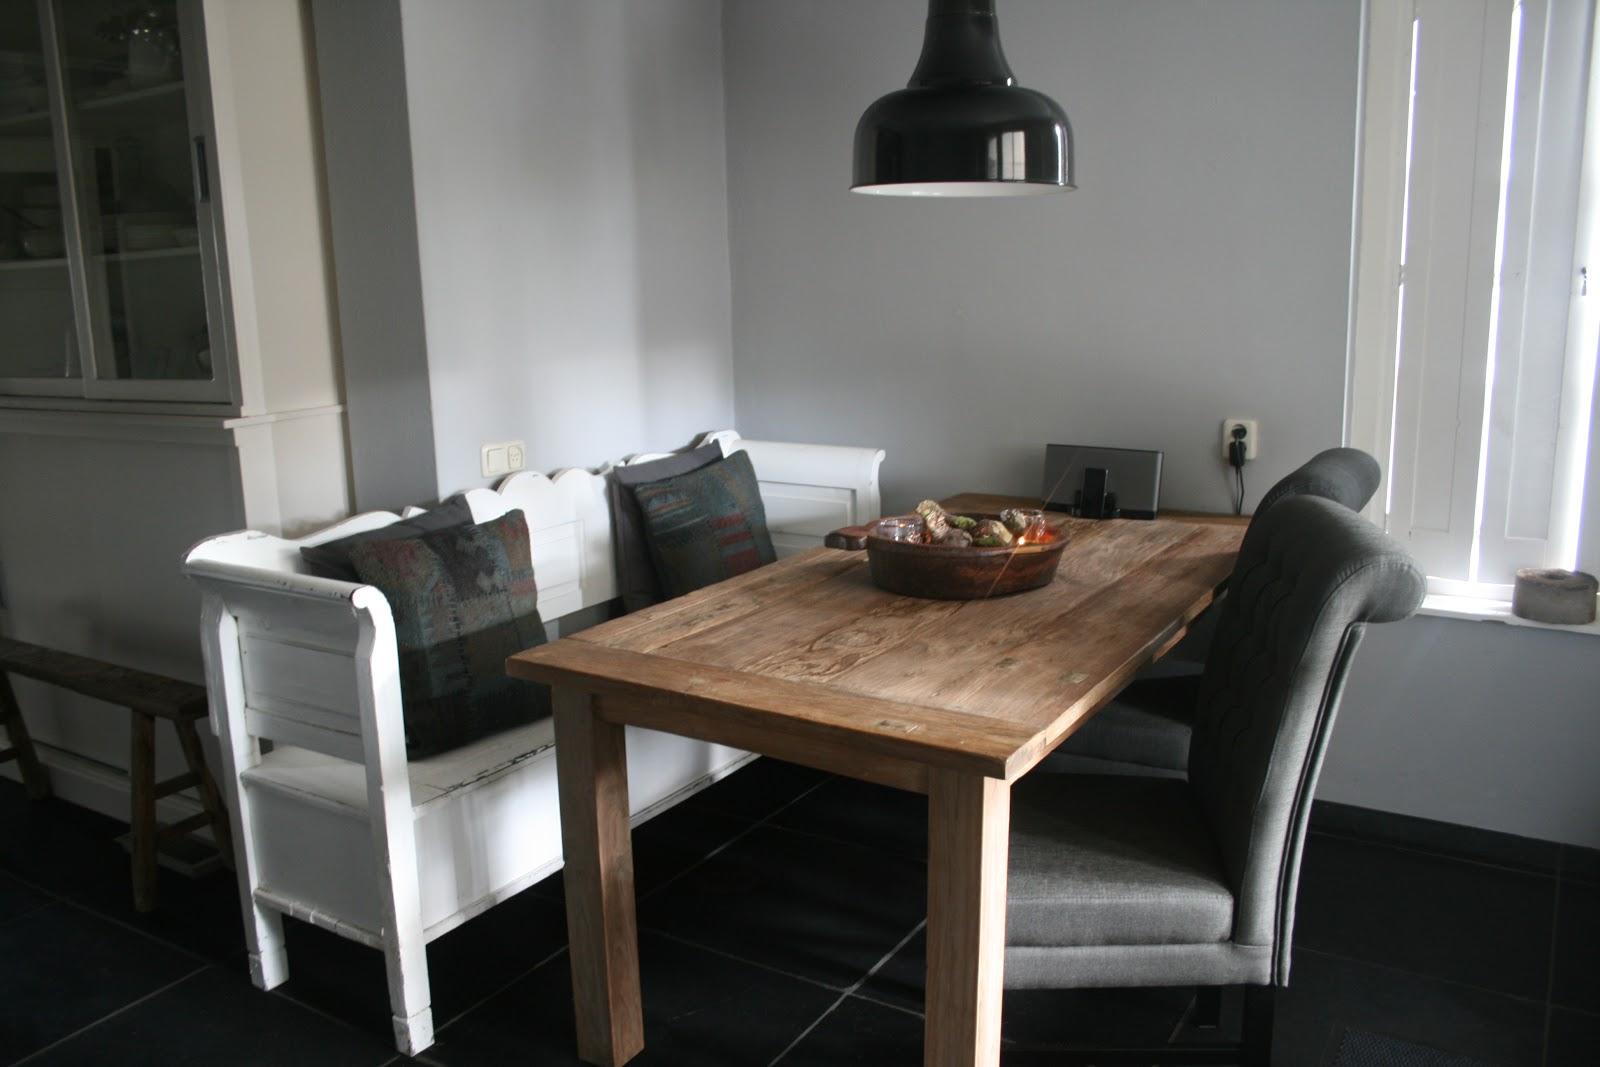 Keuken Hoekbank Met Tafel : Marjonel, puur en stoer wonen: oktober 2012